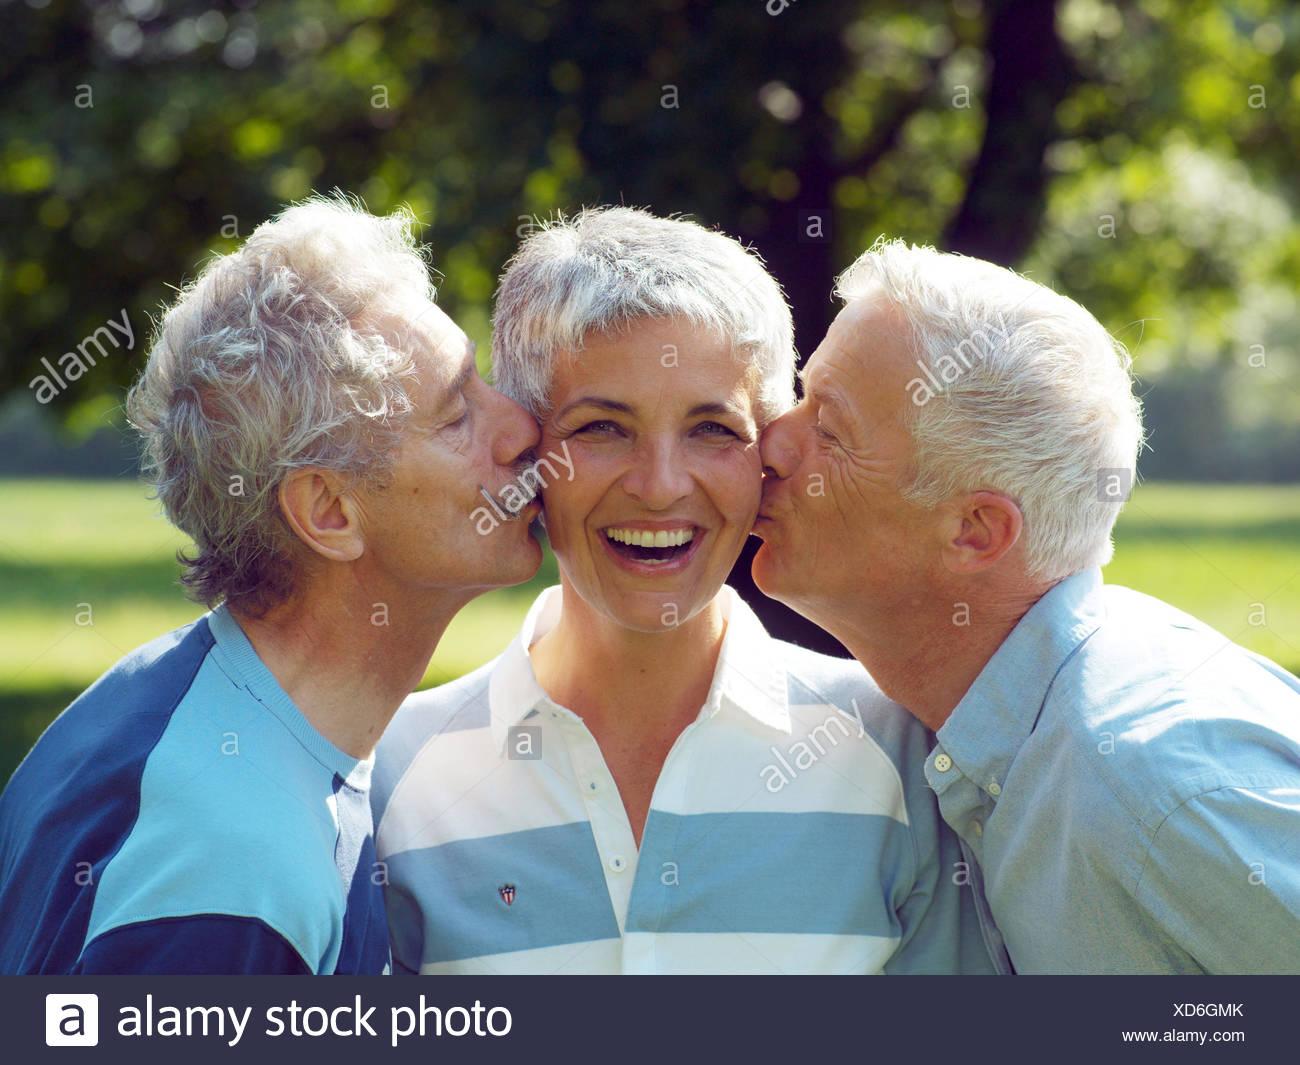 Senior citizen age for female